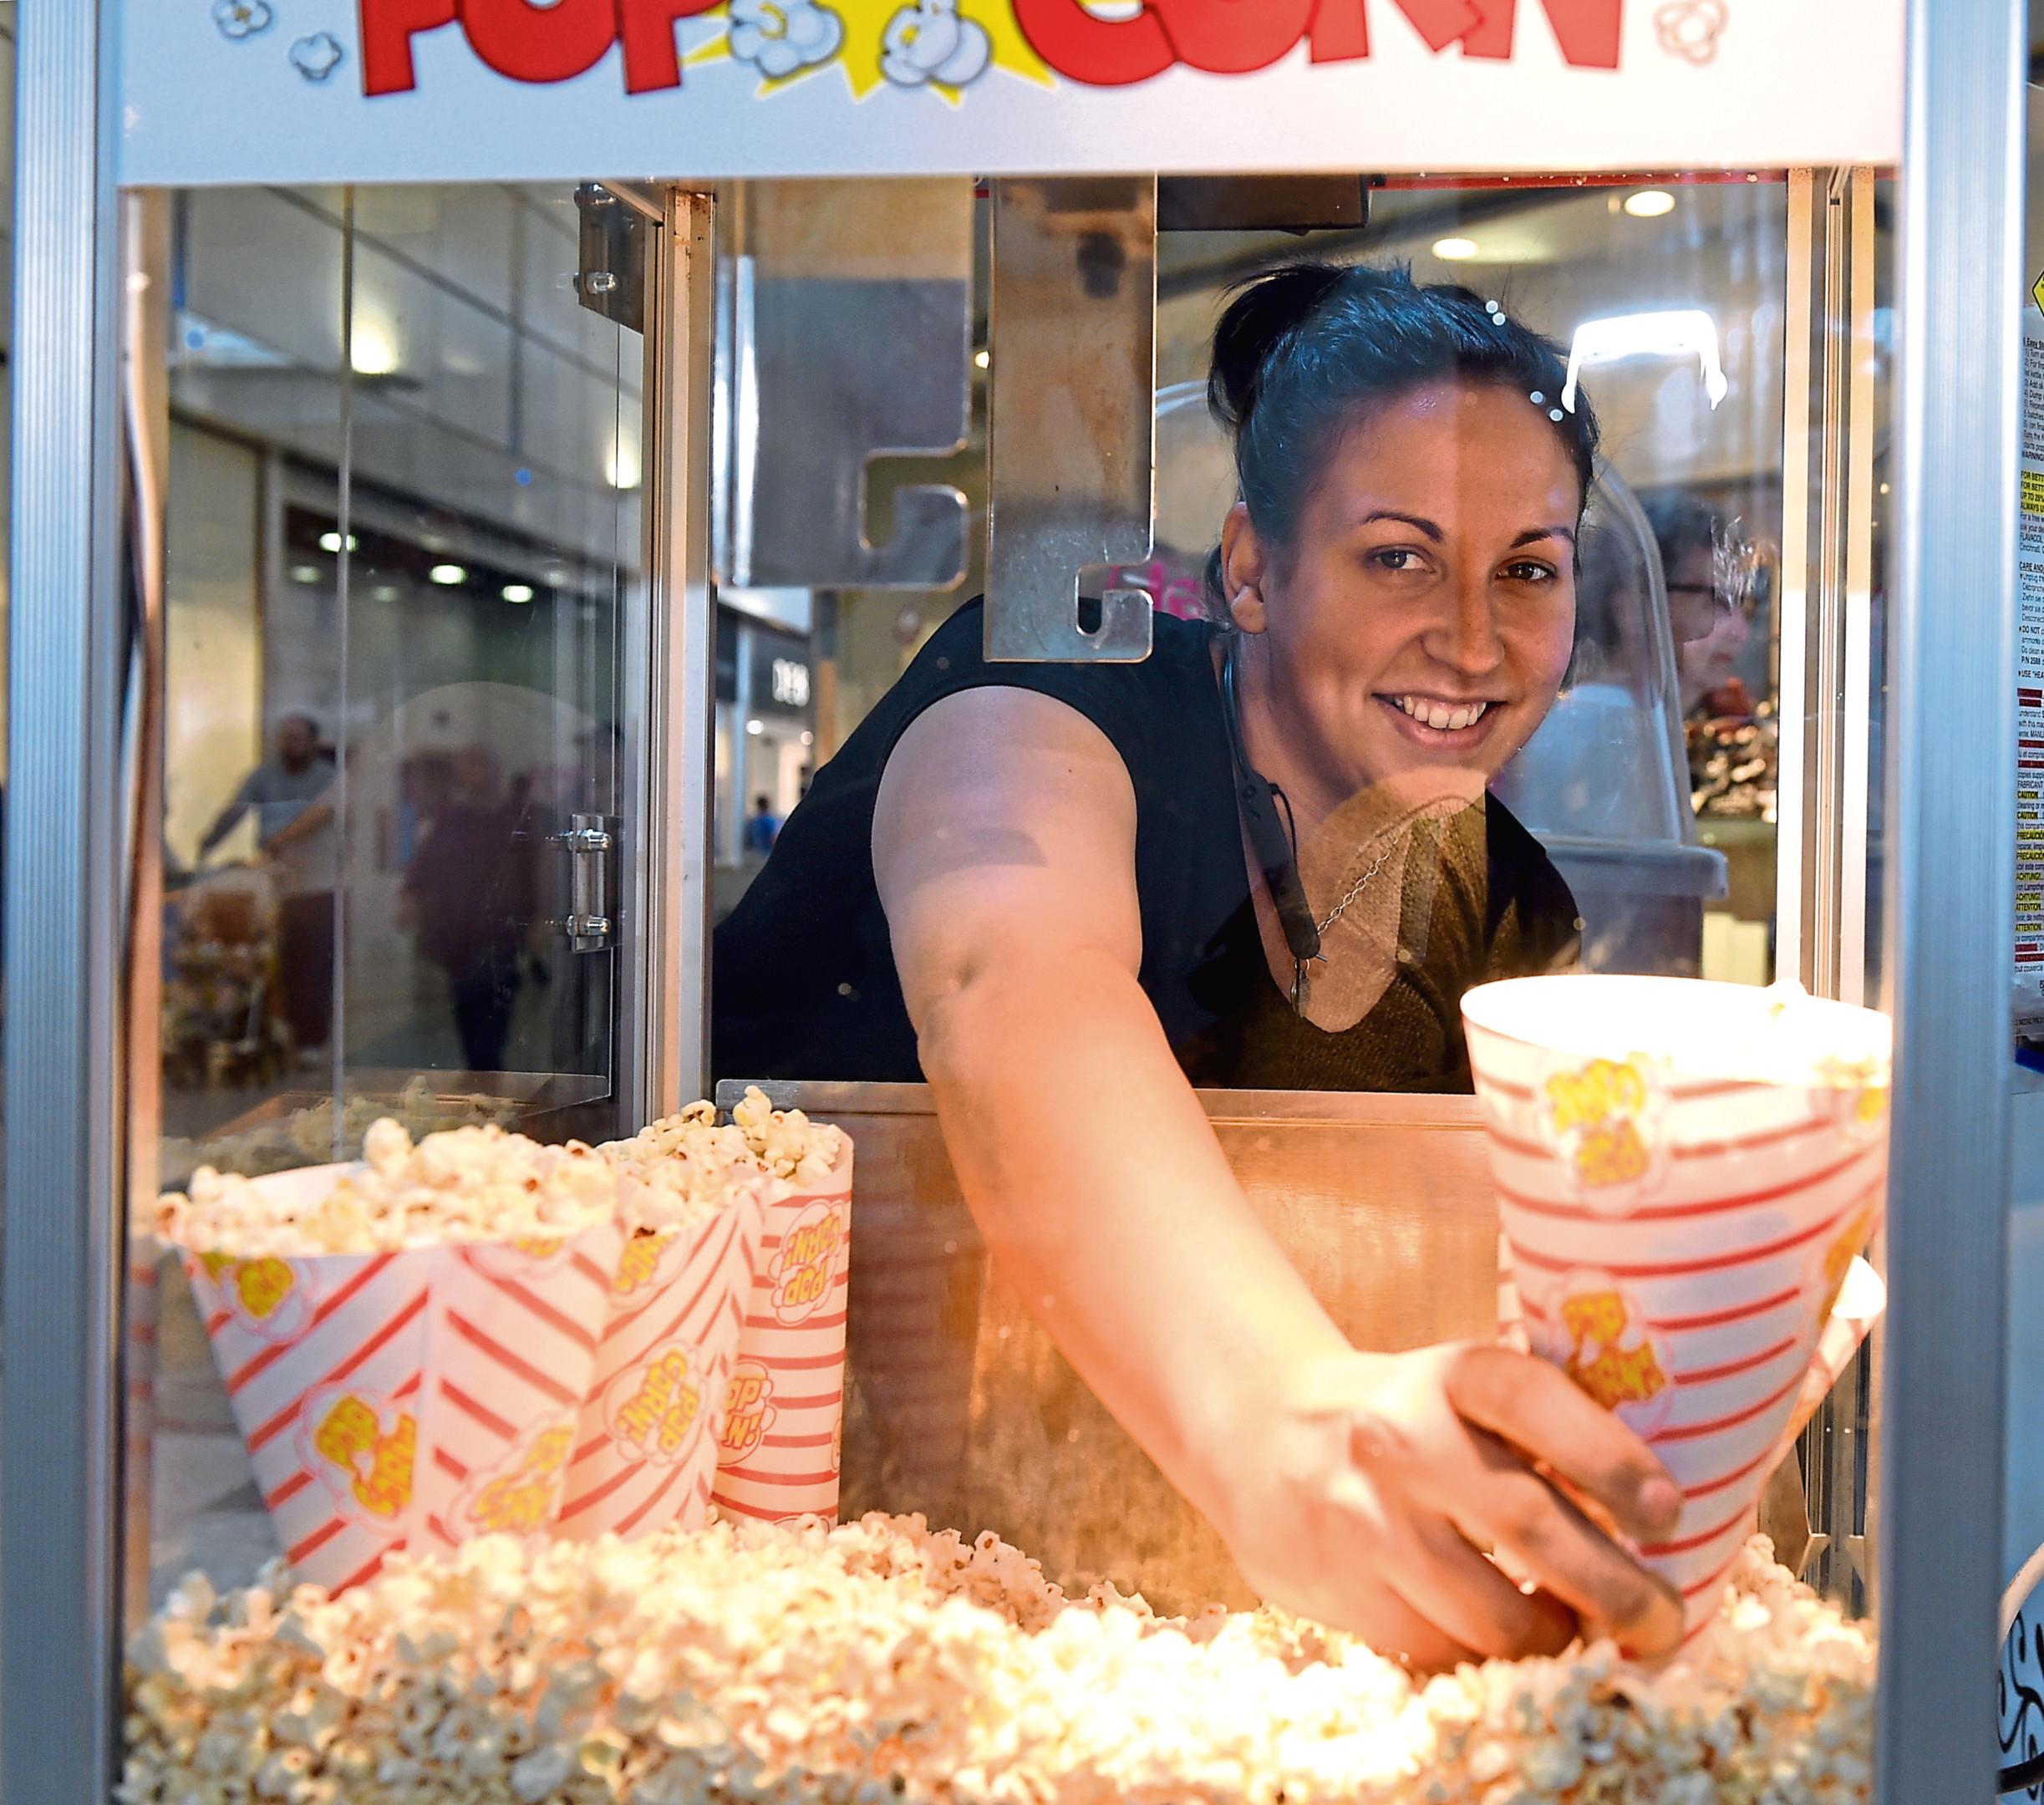 Mirisha Coull, of Wowzie popcorn